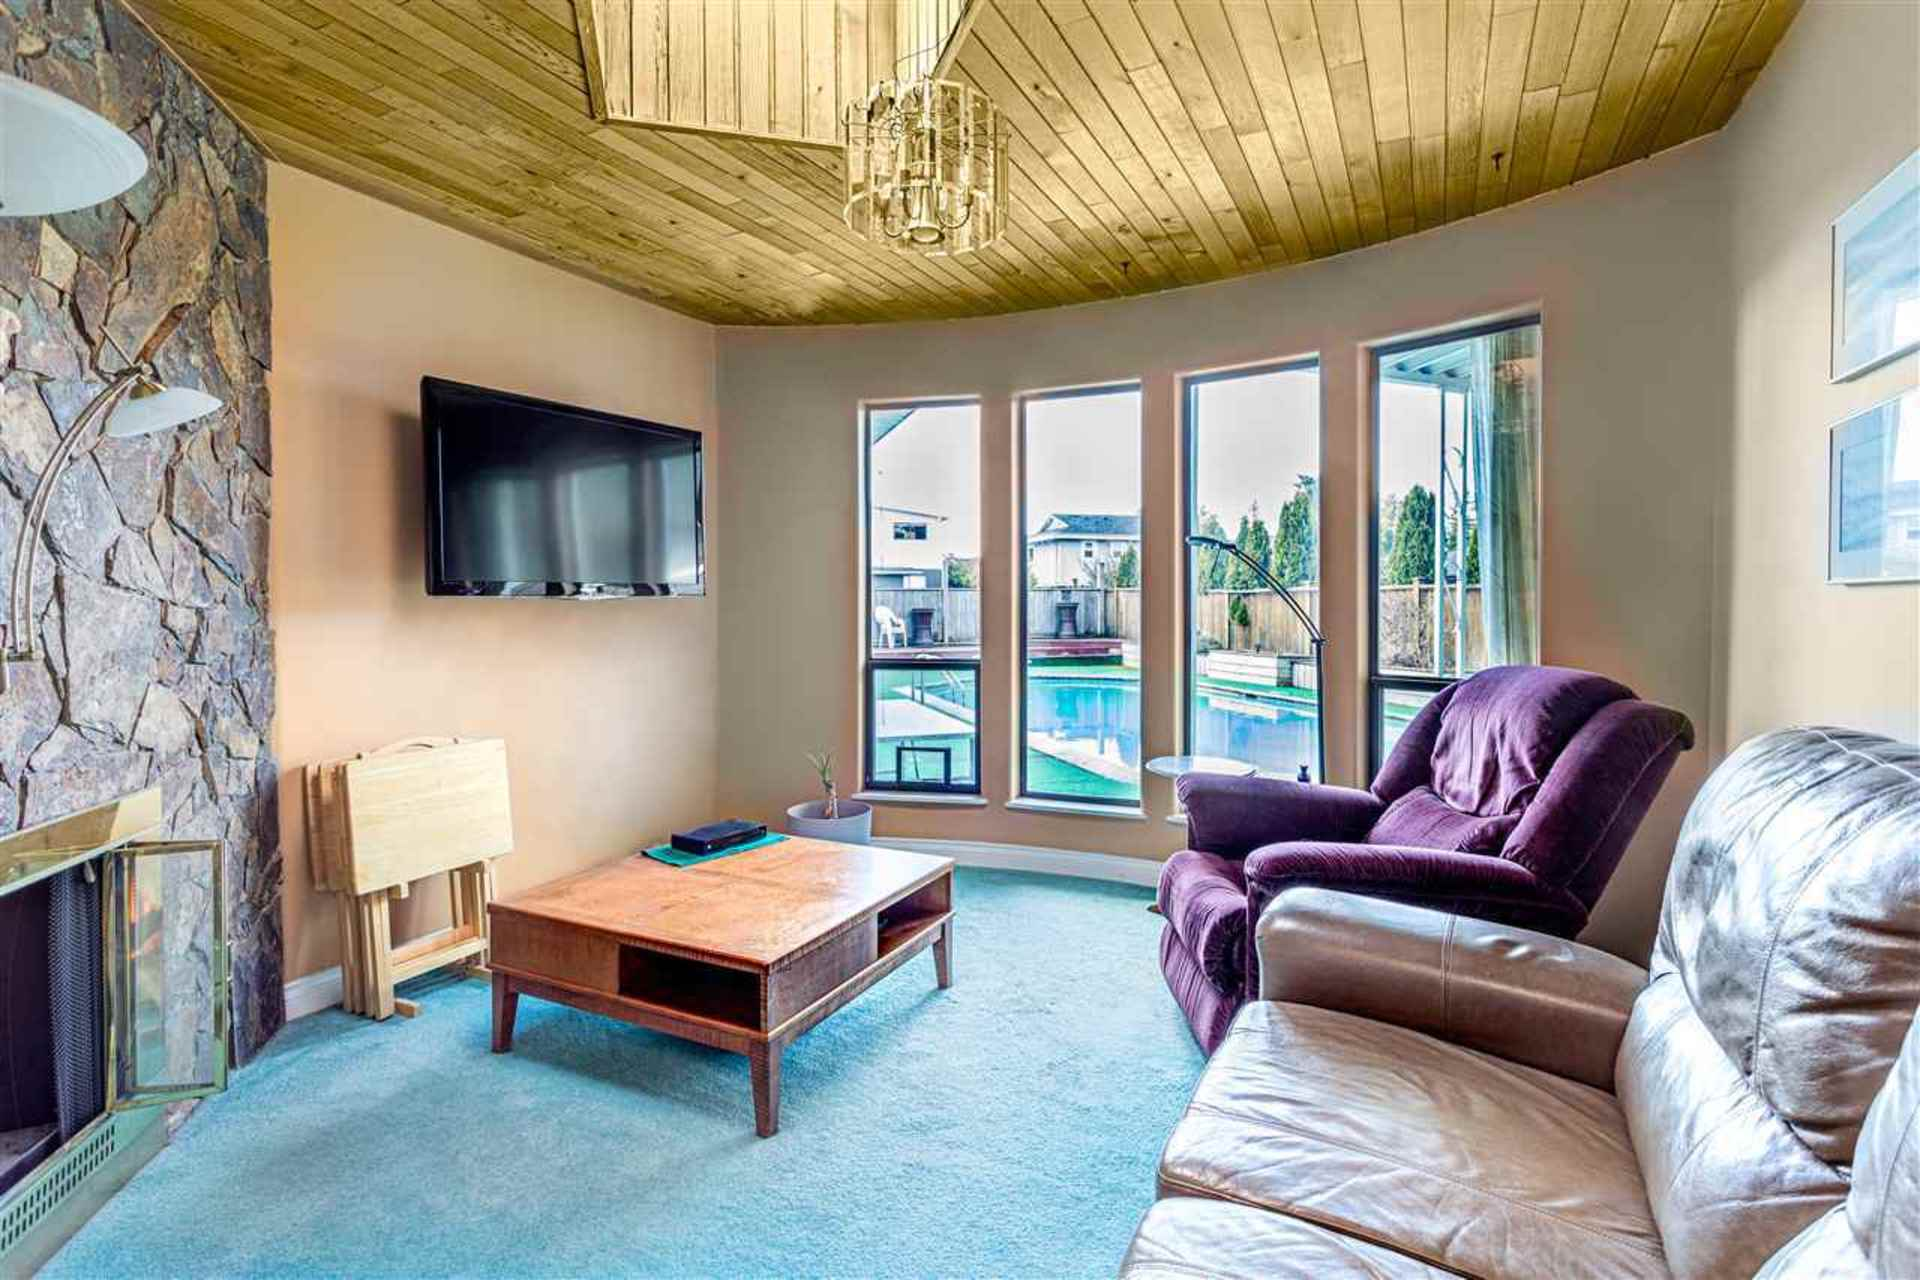 1200-cottonwood-avenue-central-coquitlam-coquitlam-04 at 1200 Cottonwood Avenue, Central Coquitlam, Coquitlam